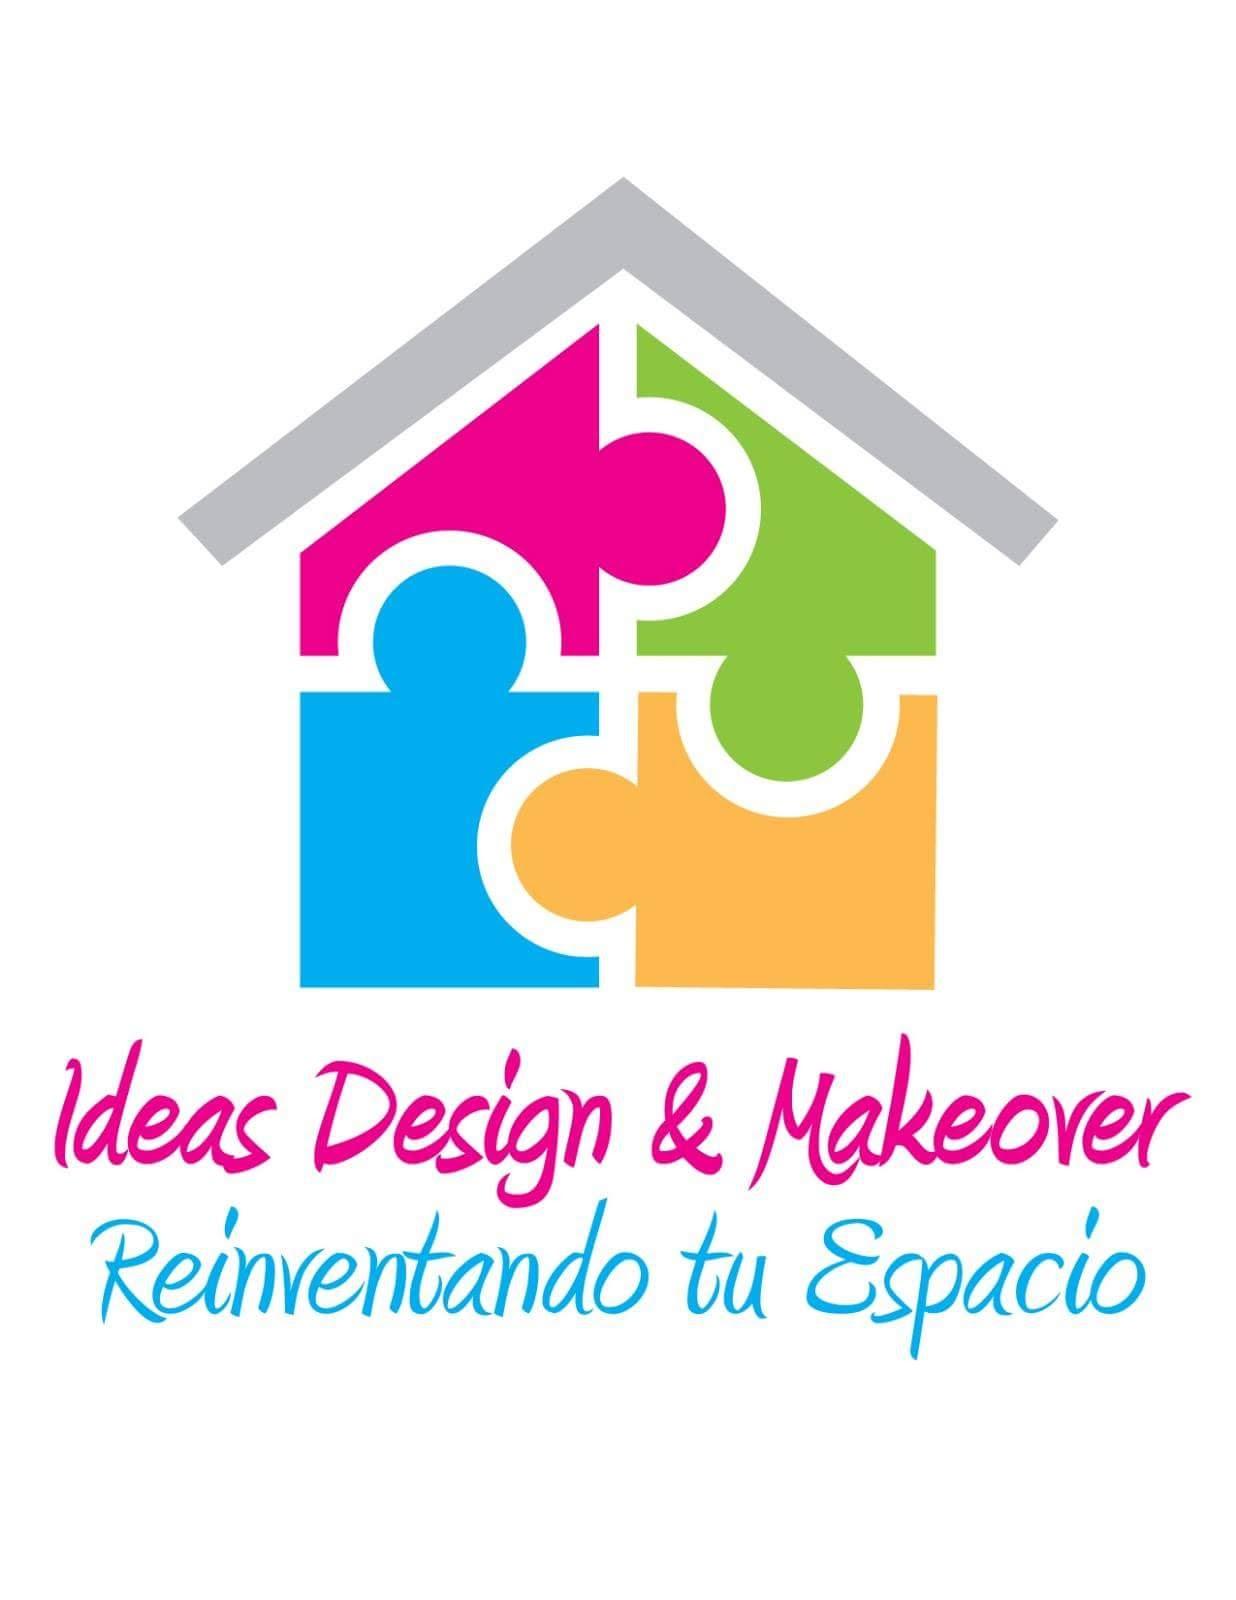 Ideas Design & Makeover